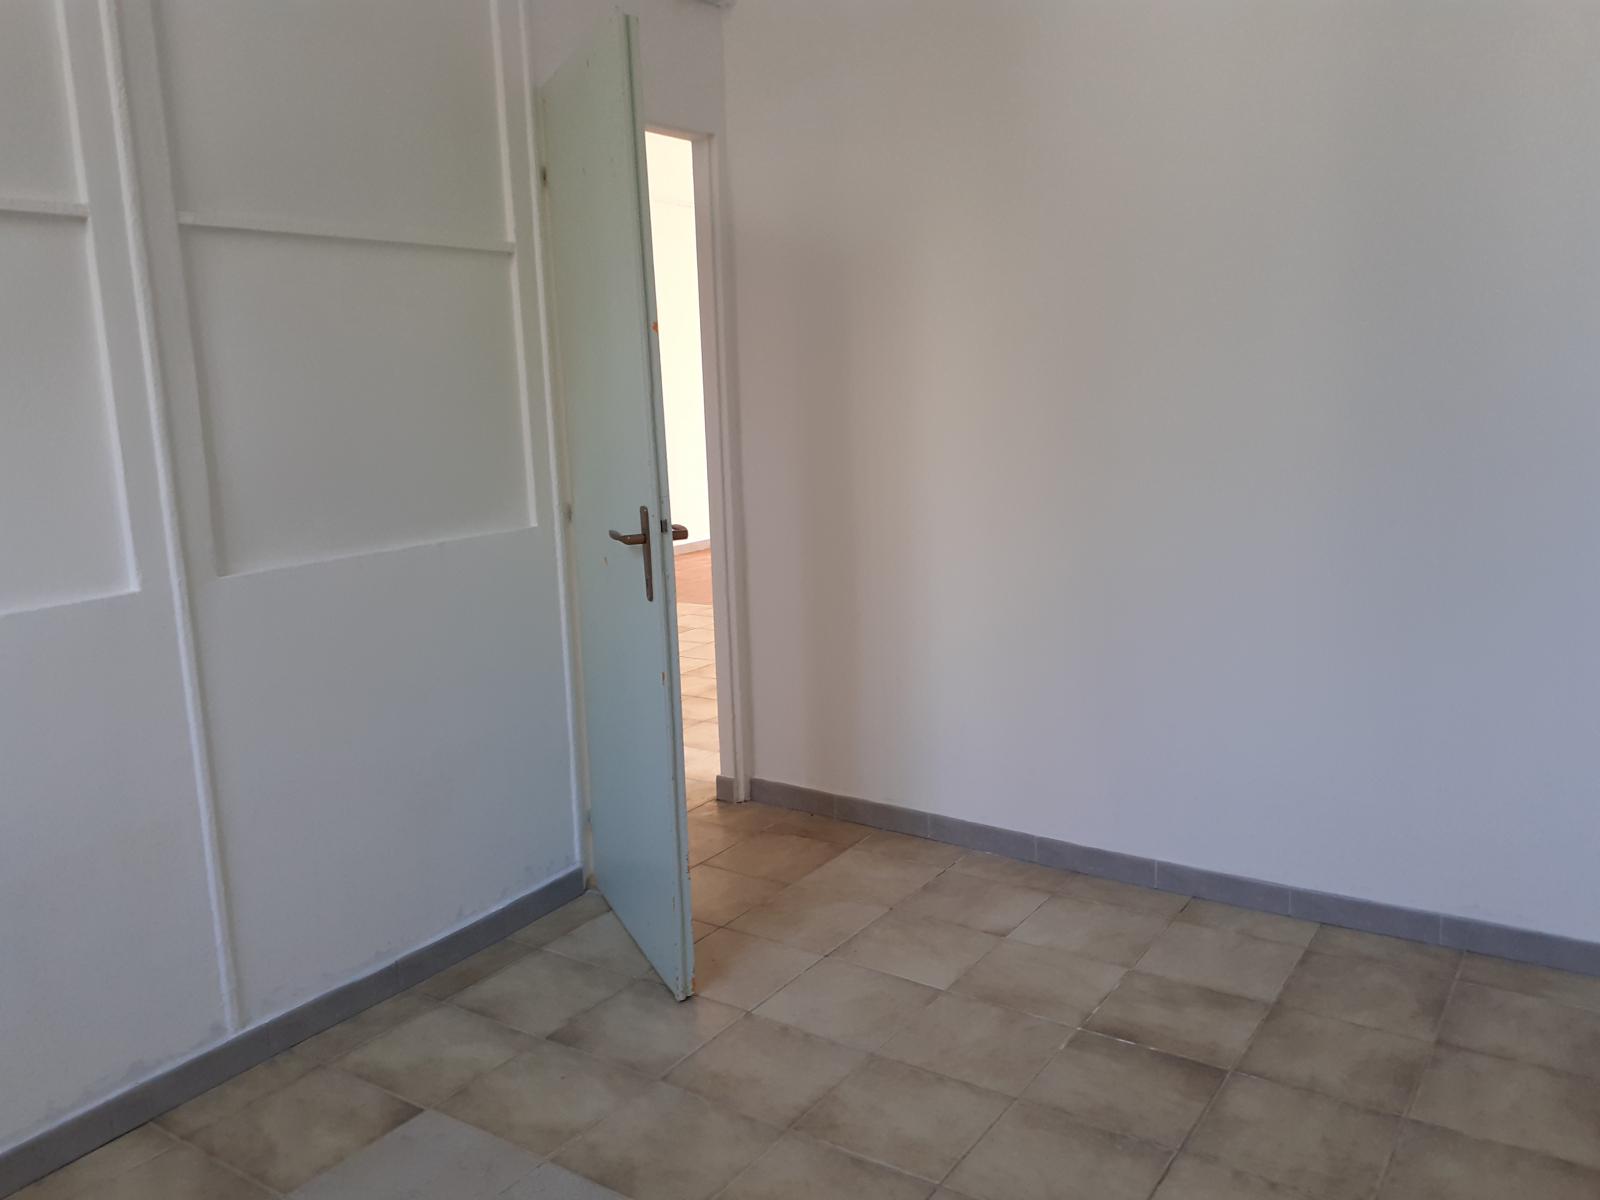 laboratorio-magazzino-in-vendita-affitto-a-baggio-milano-spaziourbano-immobiliare-vende-affitta-9